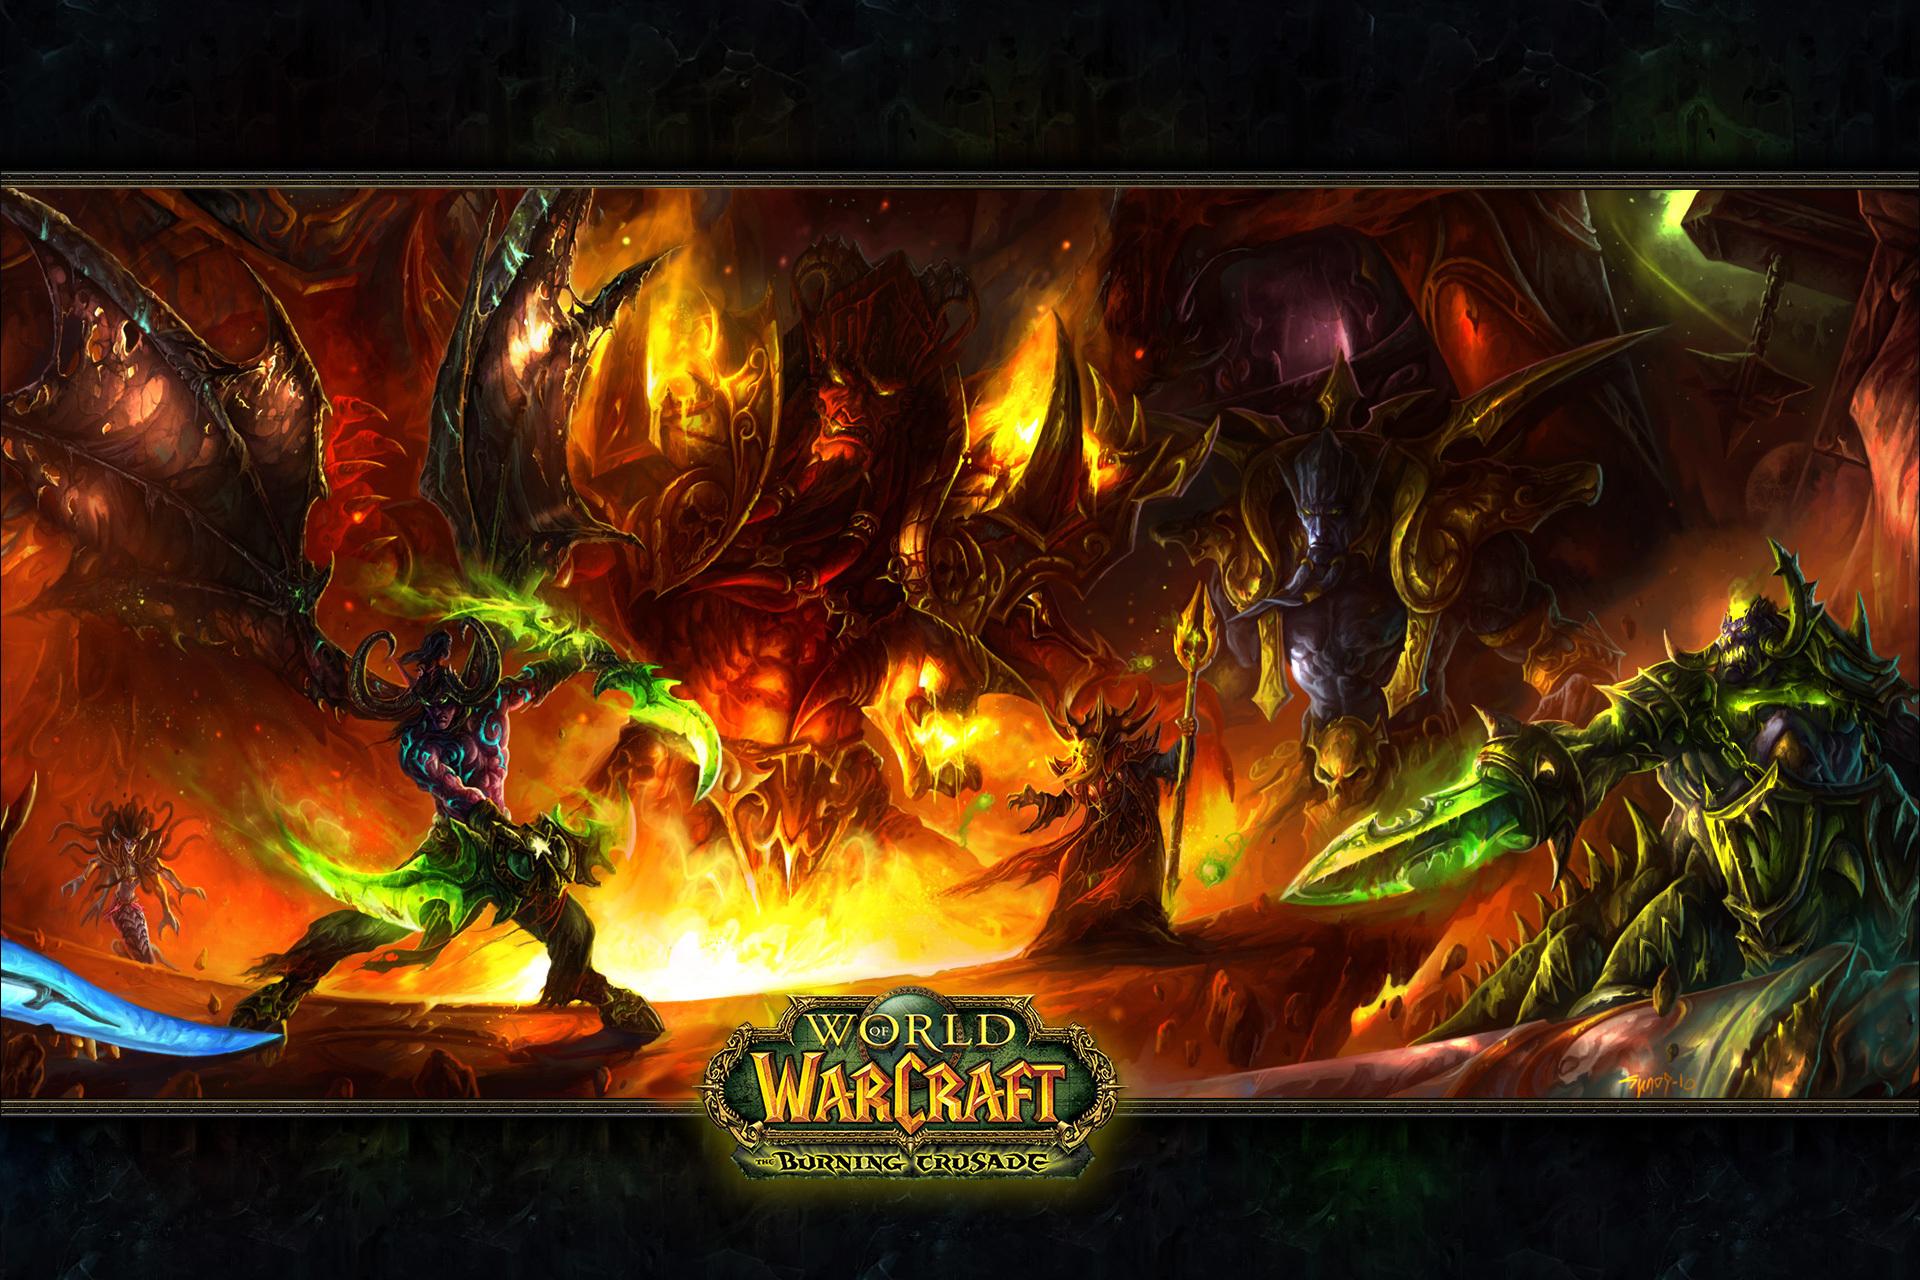 World of Warcraft   Desktop Wallpaper 1920x1280